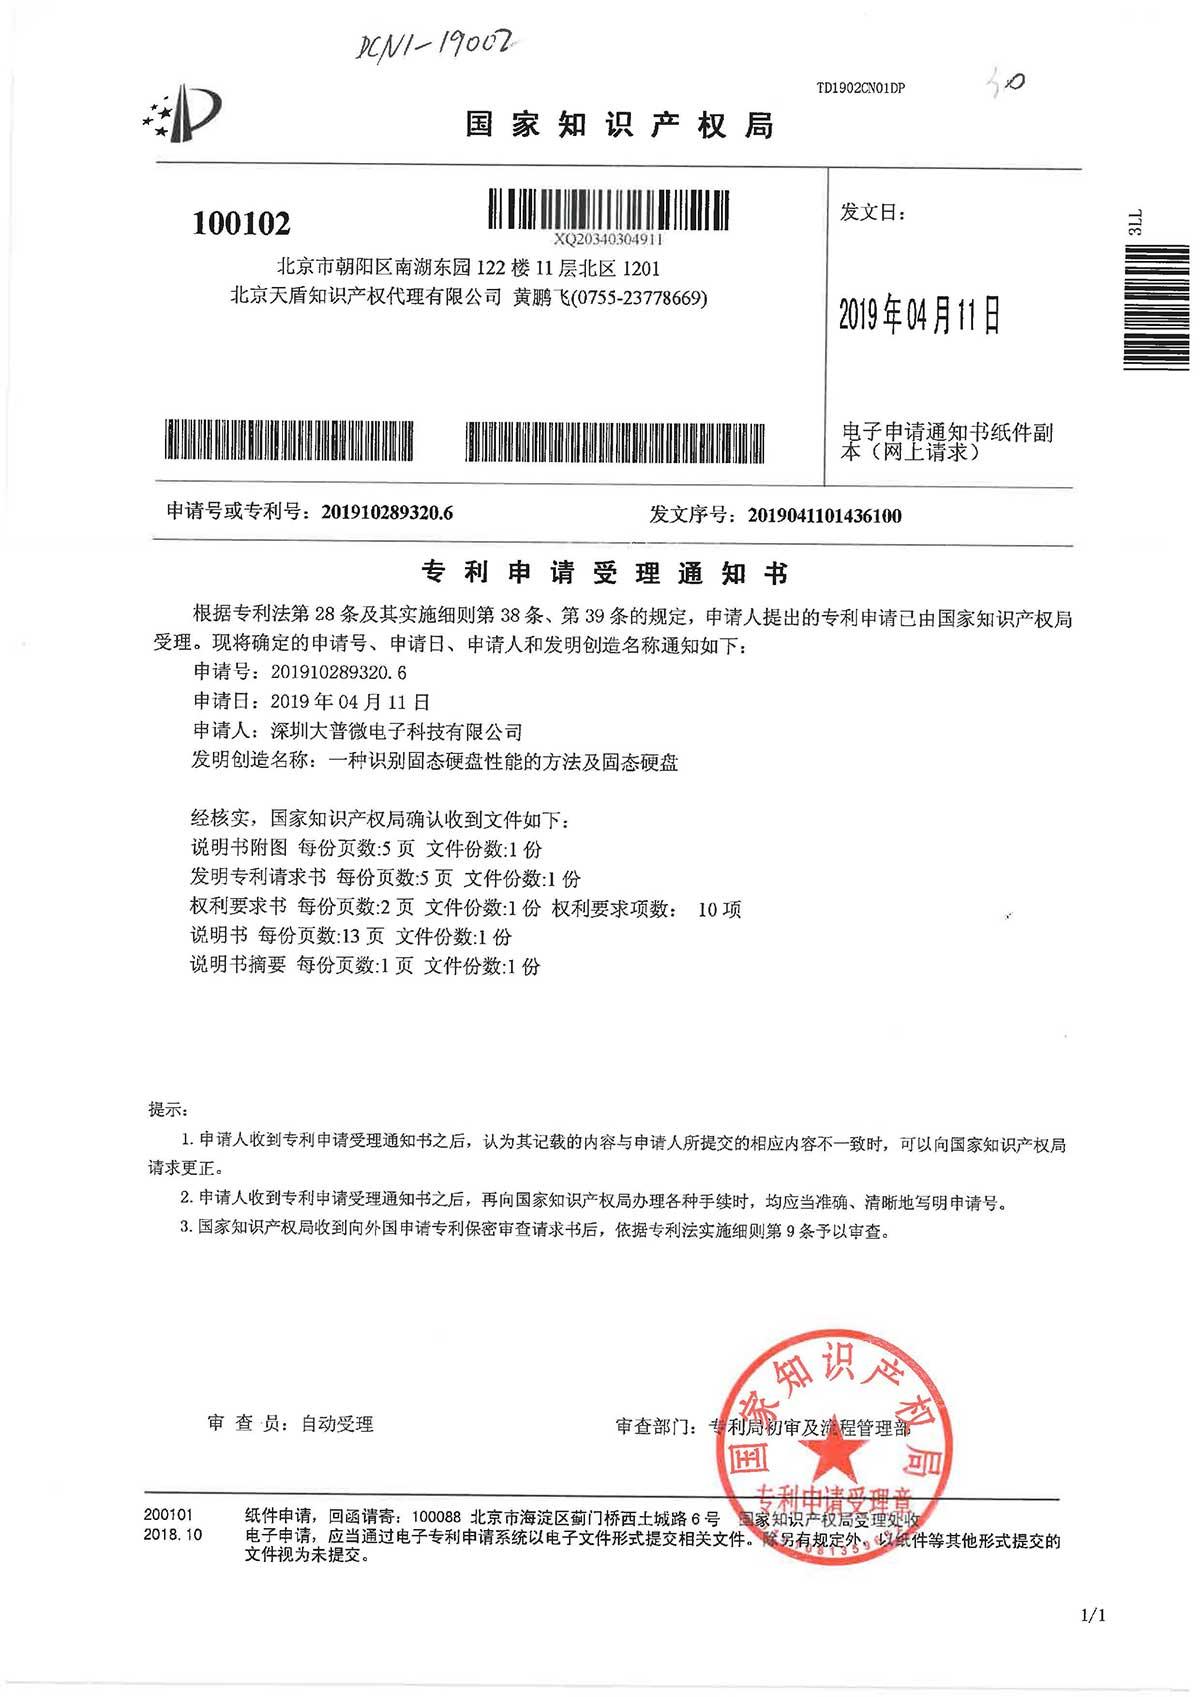 DCN1-19002 一种识别固态硬盘性能瓶颈的方法受理